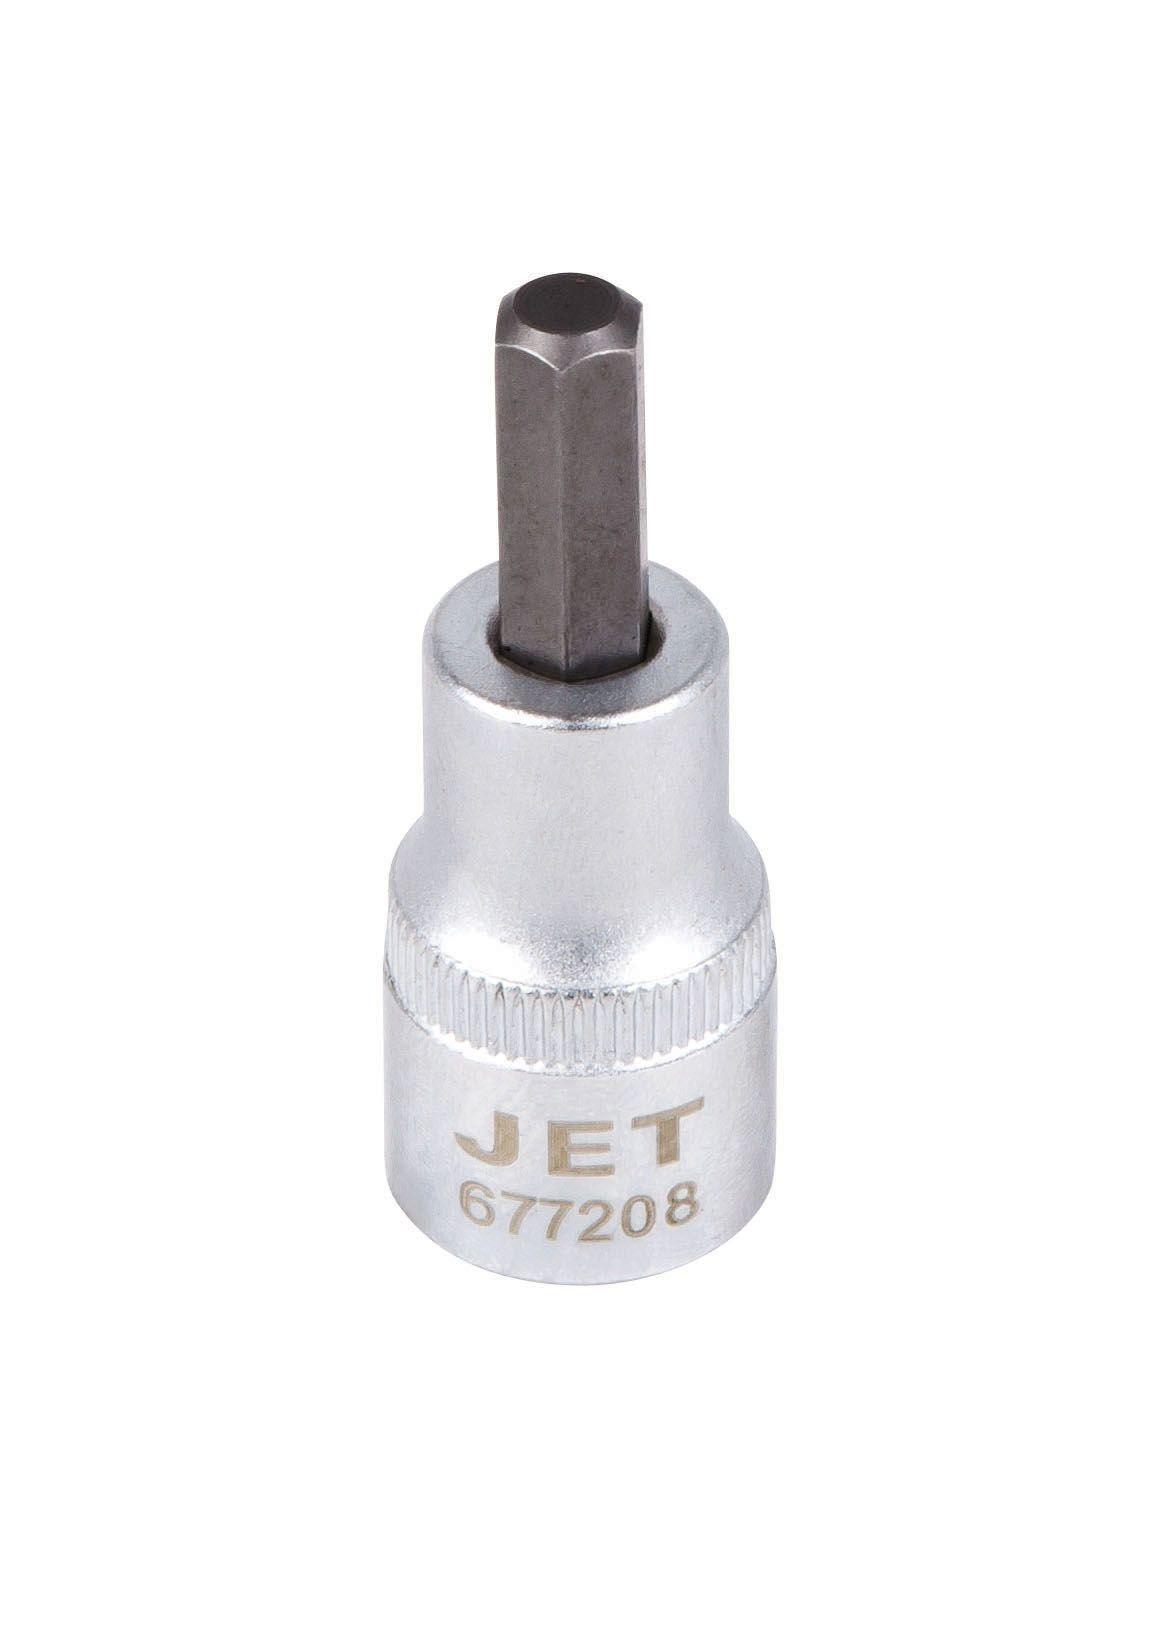 Jet 677207 Douille hexagonale 7/32